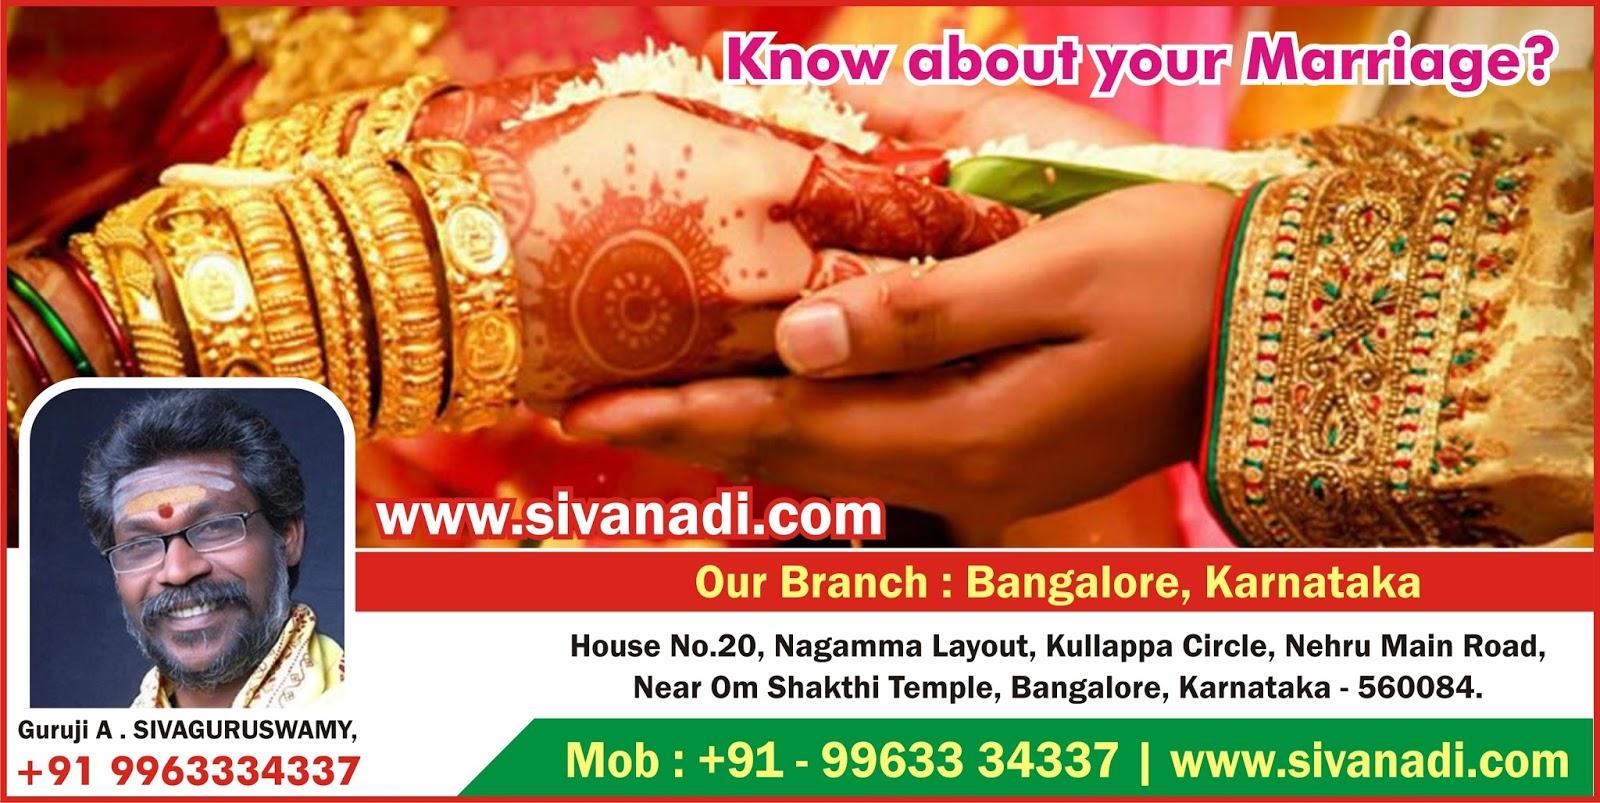 Nadi jyotish in bangalore dating 4